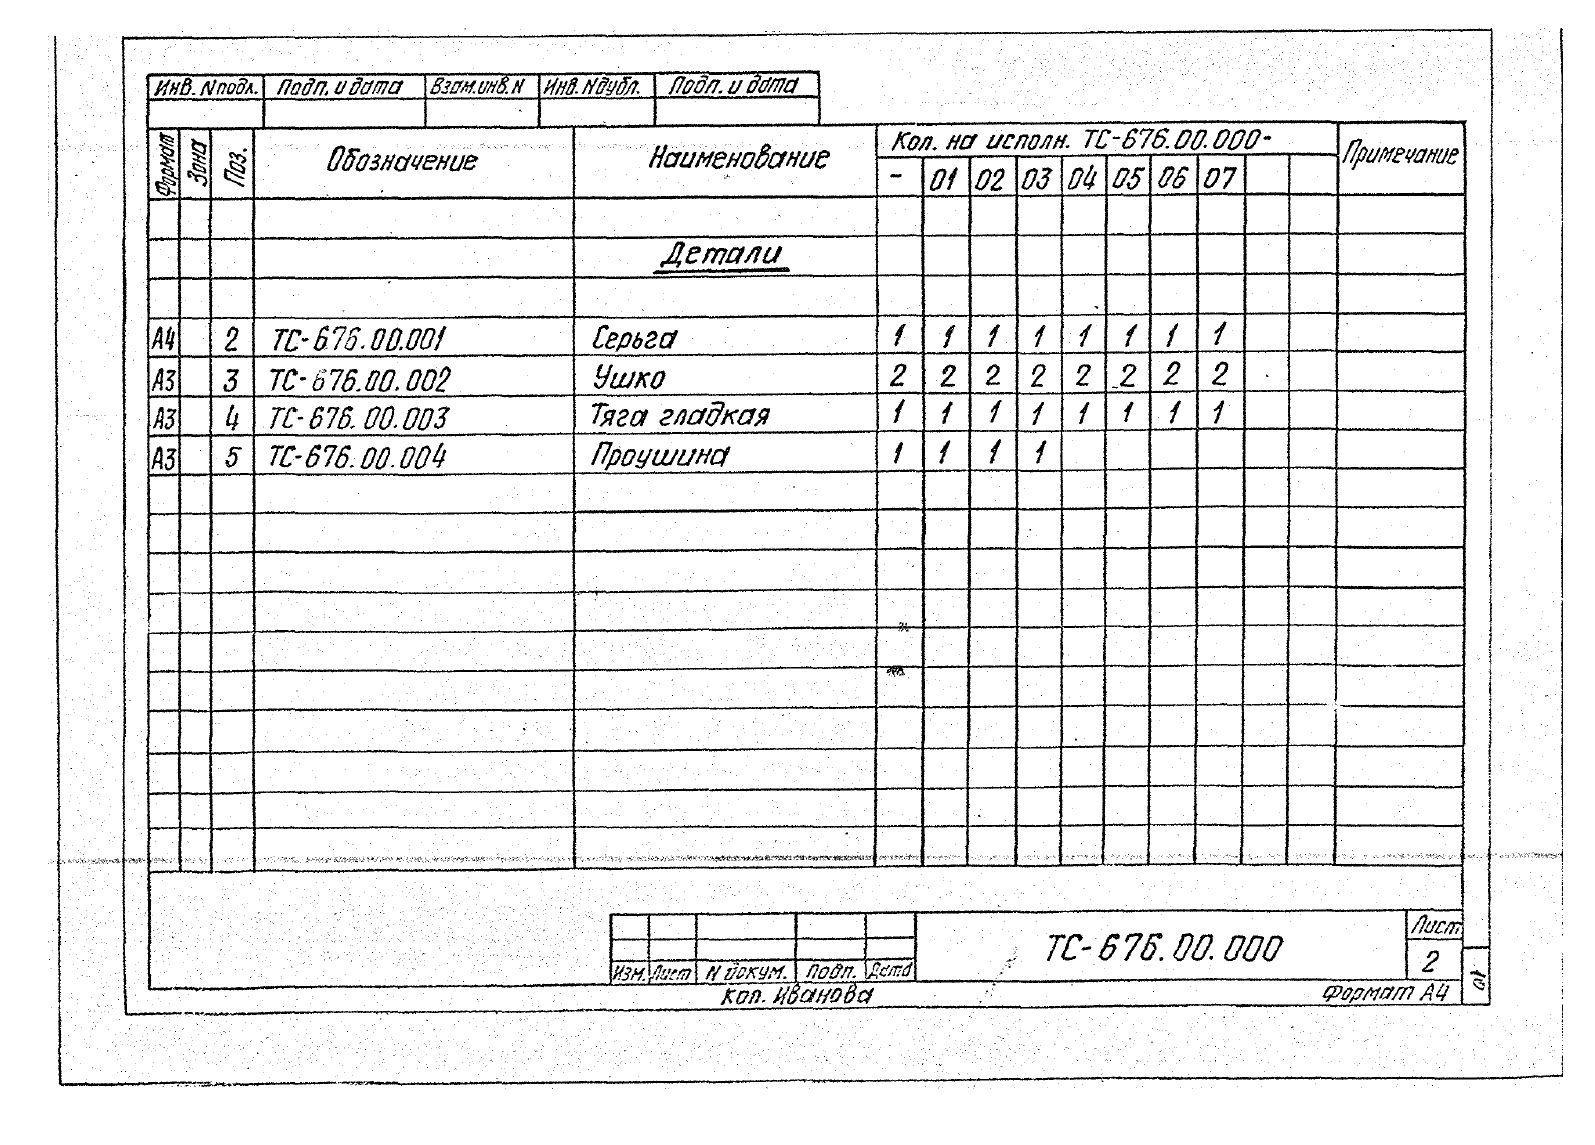 Подвески жесткие Дн 25-45 ТС-676 с.5.903-13 вып.6-95 стр.4